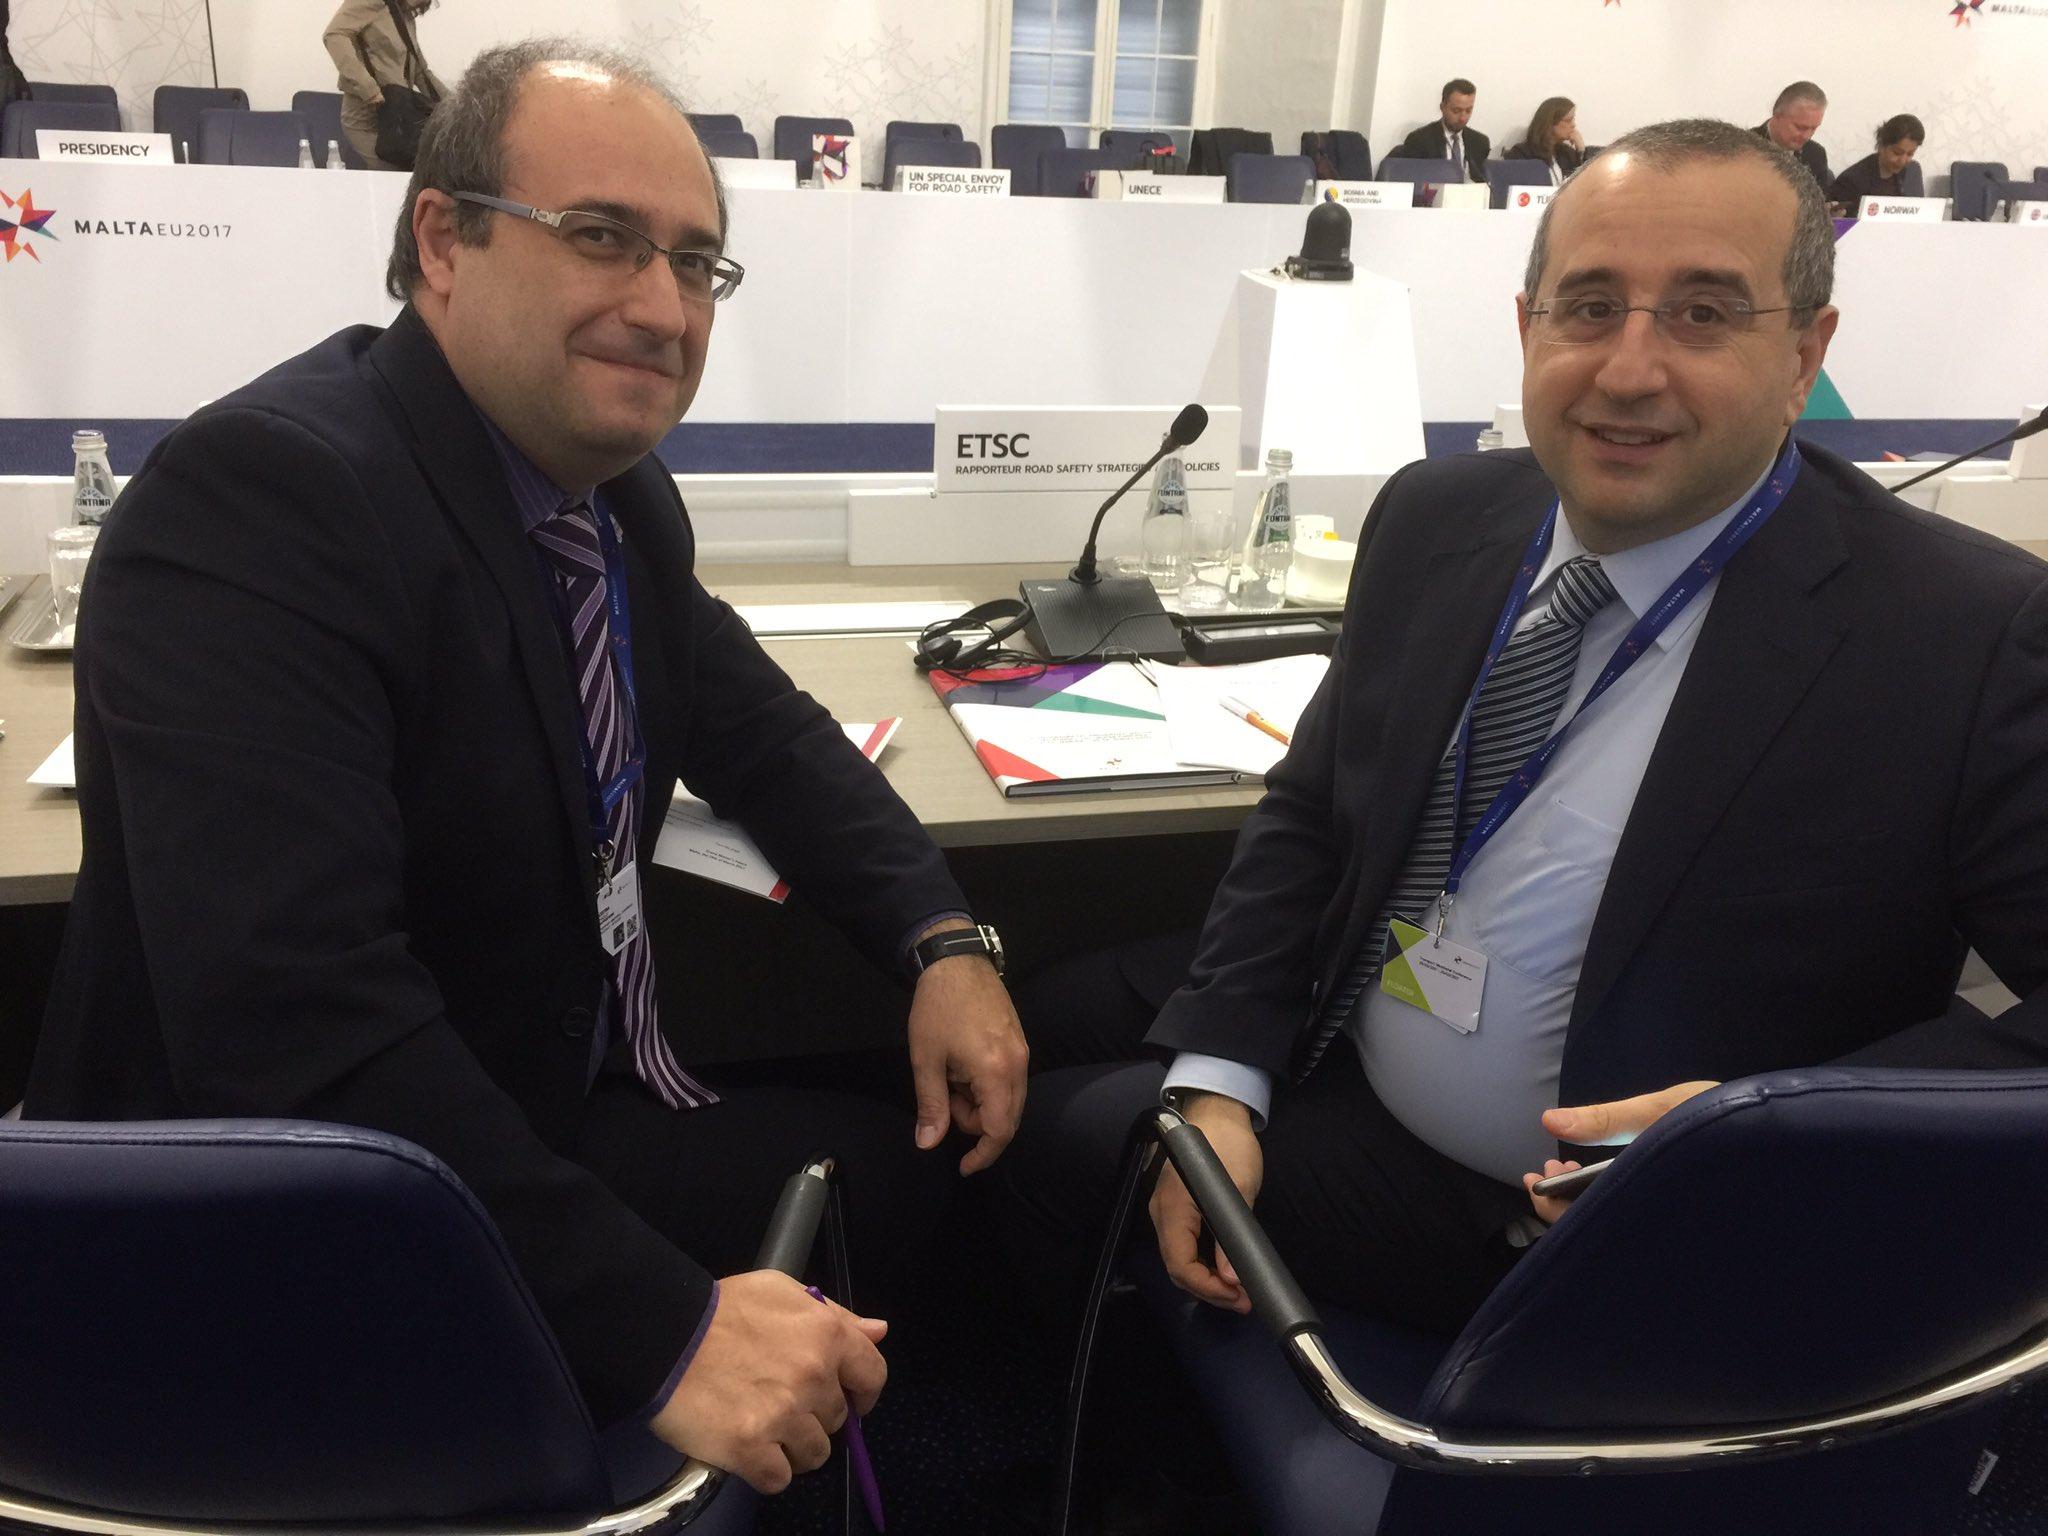 Tispol President Paolo Cestra @TISPOLorg and CEO ETSC Antonio Avenoso @ETSC_EU ready to speak Road Safety Conference Malta today. #EU2017MT https://t.co/8OrRoK2keQ